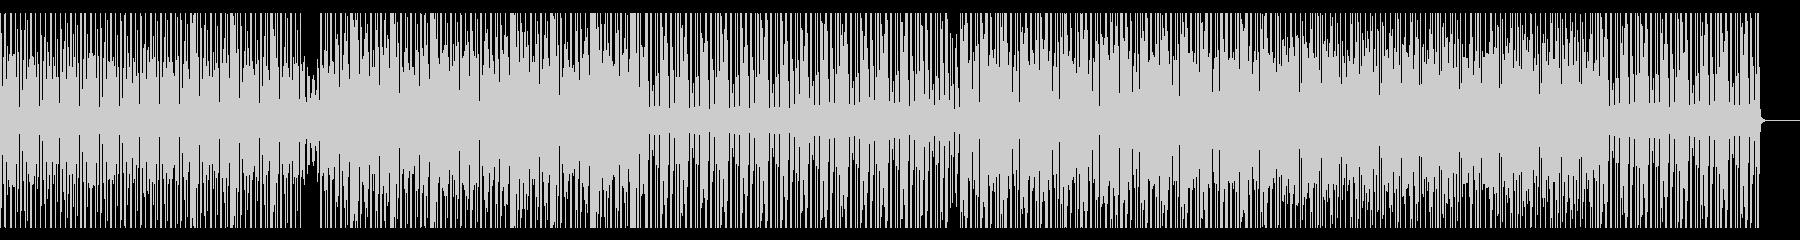 徐々に盛り上がっていくテクノBGMの未再生の波形